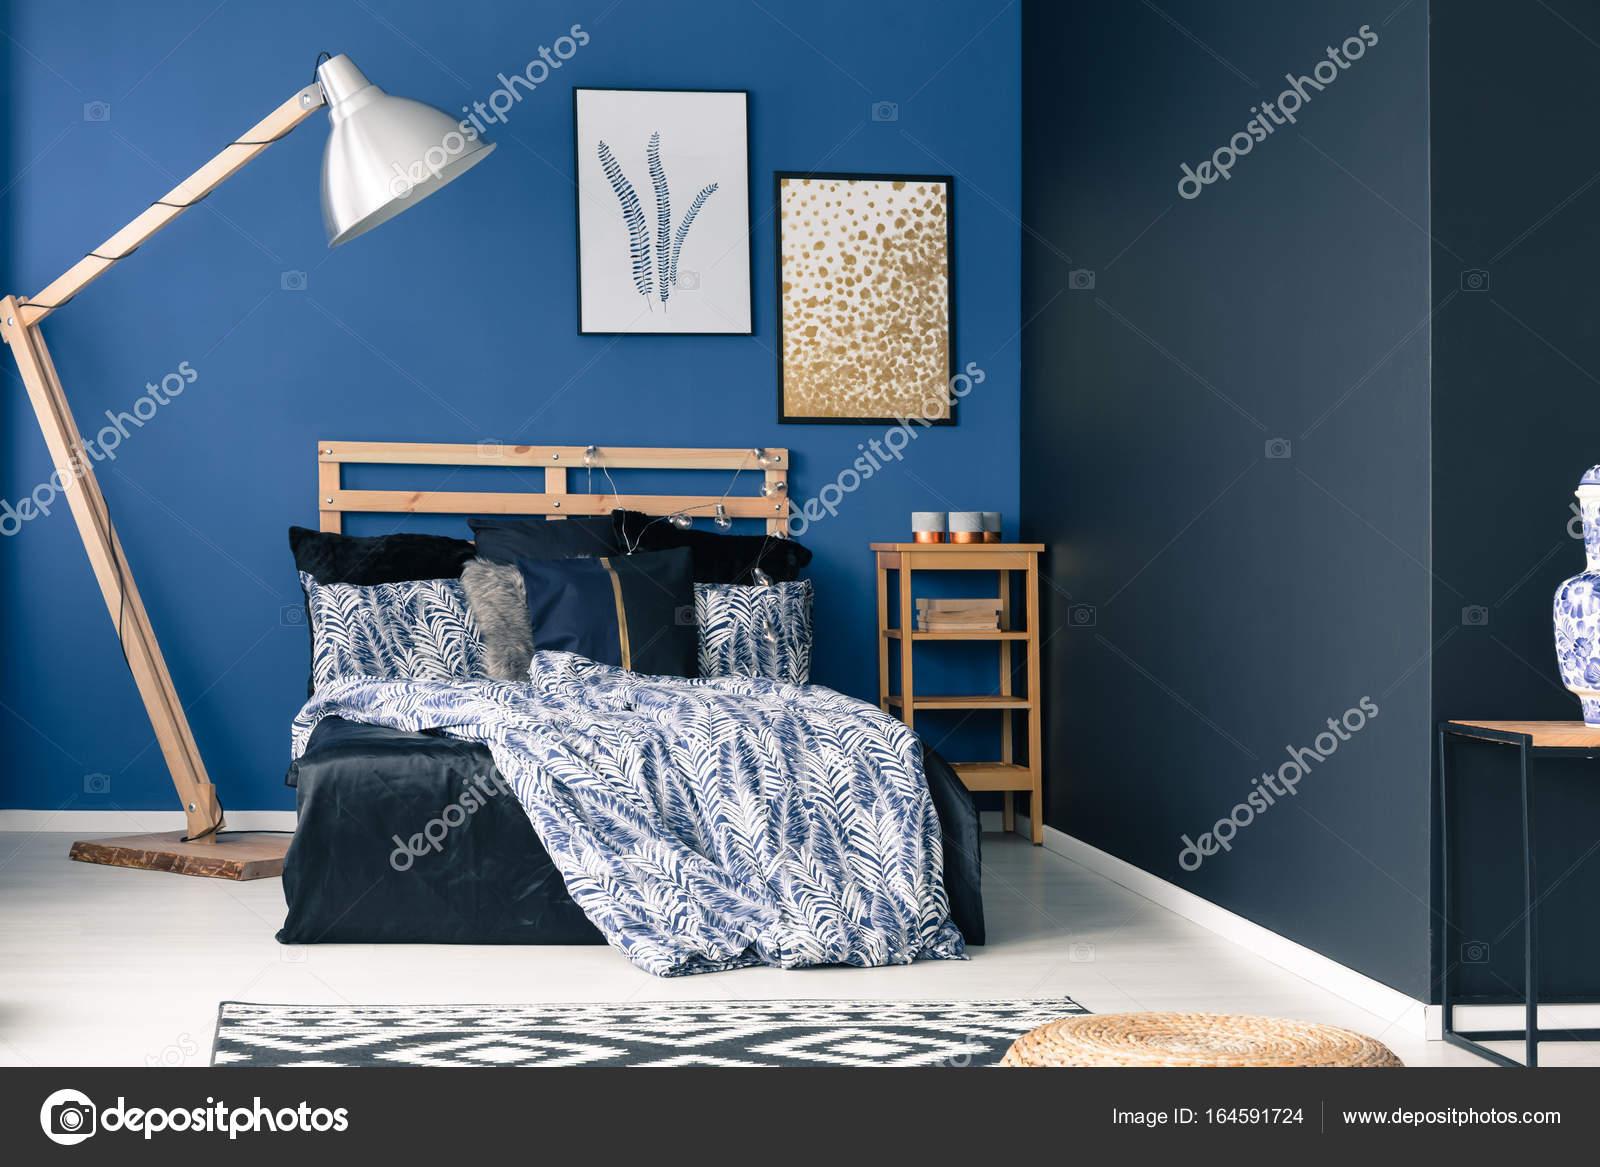 Houten Slaapkamer Meubels : Cyaan slaapkamer met houten meubels u stockfoto photographee eu